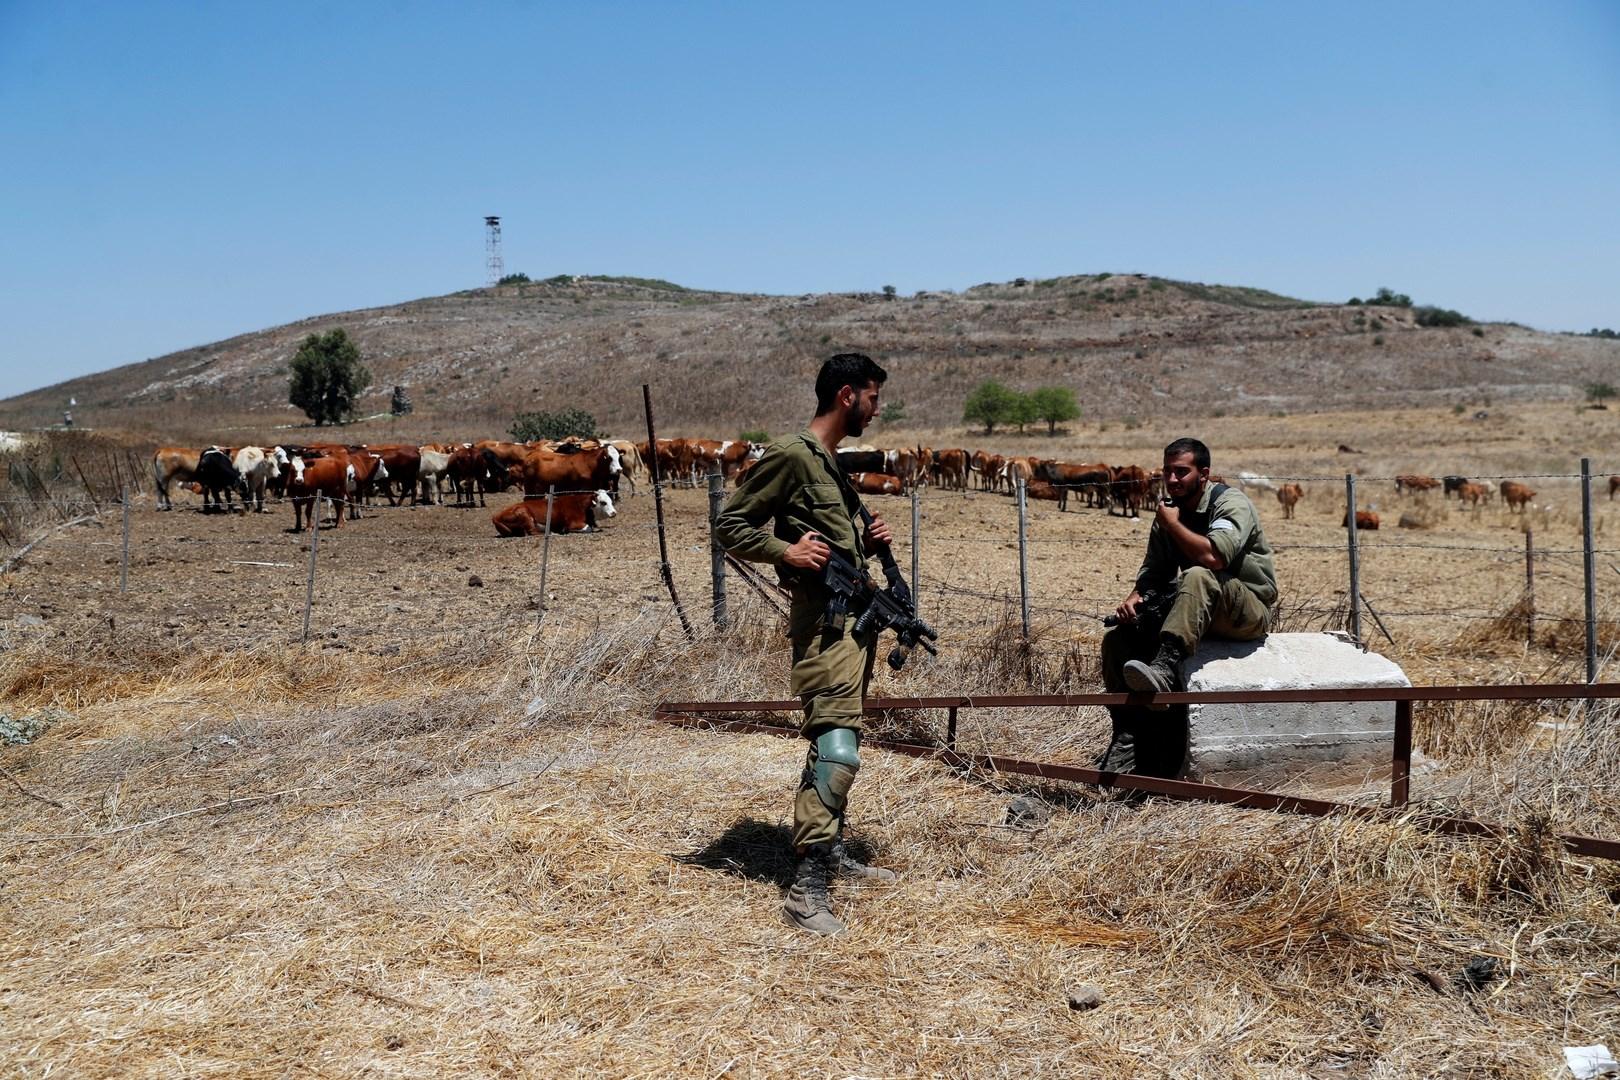 قوات الاحتلال الإسرائيلي تختطف راعي أغنام في قرية بريقة بريف القنيطرة الجنوبي